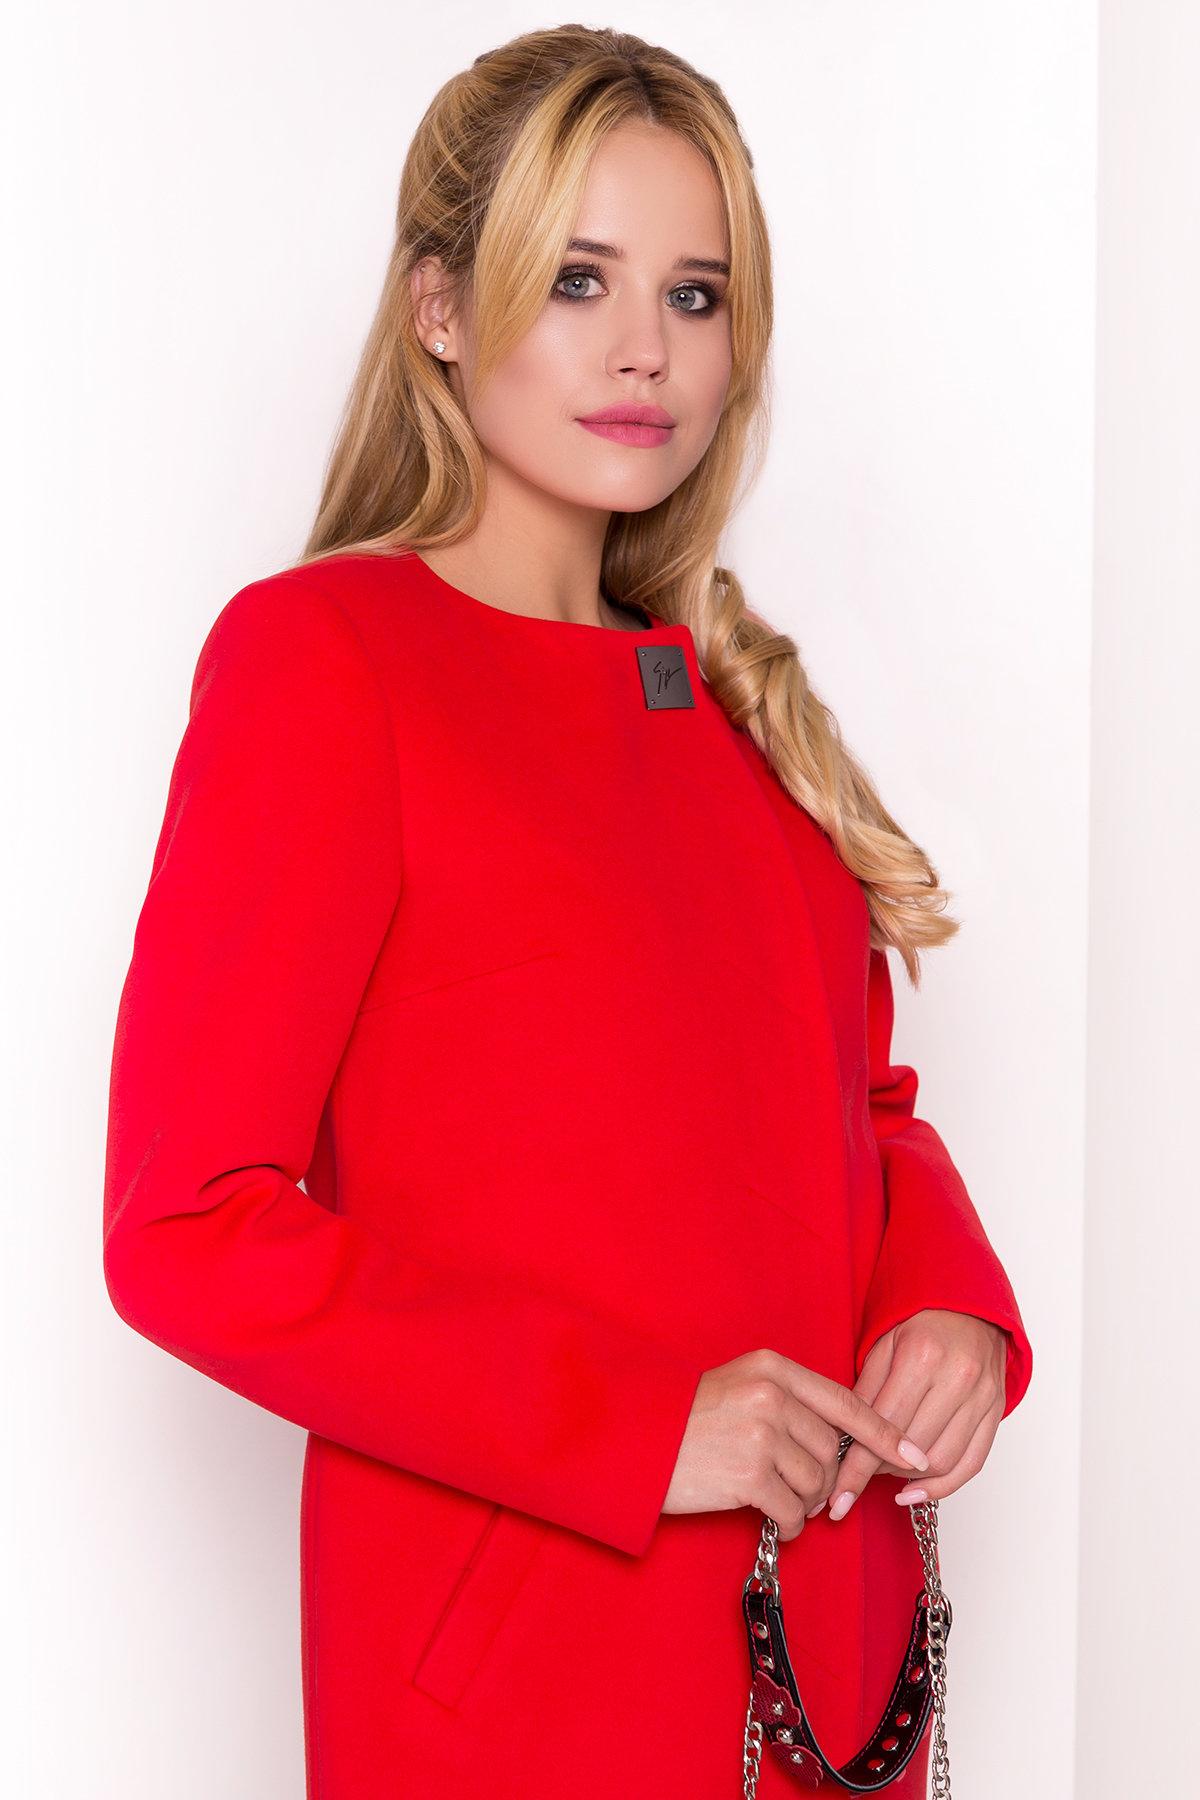 Пальто Фортуна 4812 АРТ. 5342 Цвет: Красный 6 - фото 3, интернет магазин tm-modus.ru